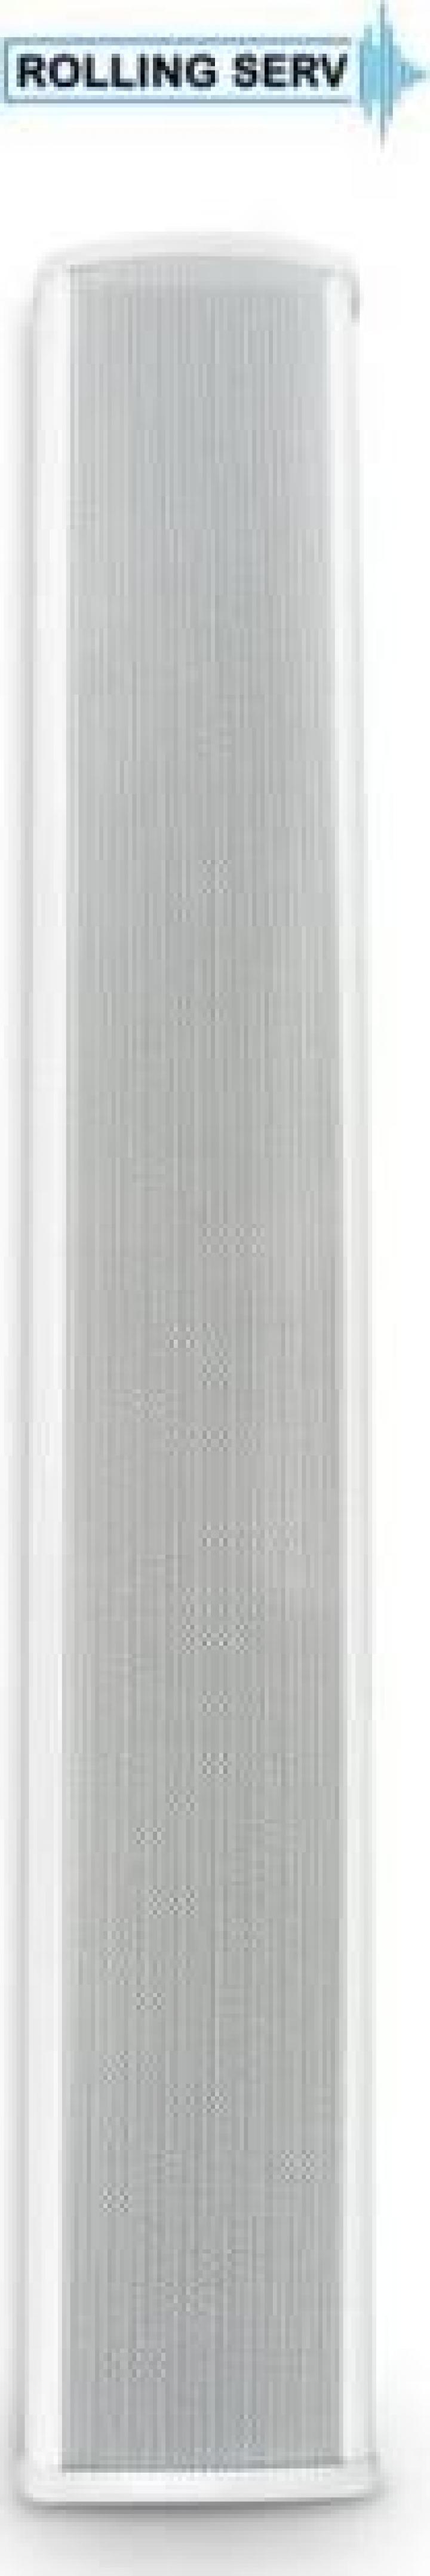 Boxa audio CS 950 - 40W / 100V